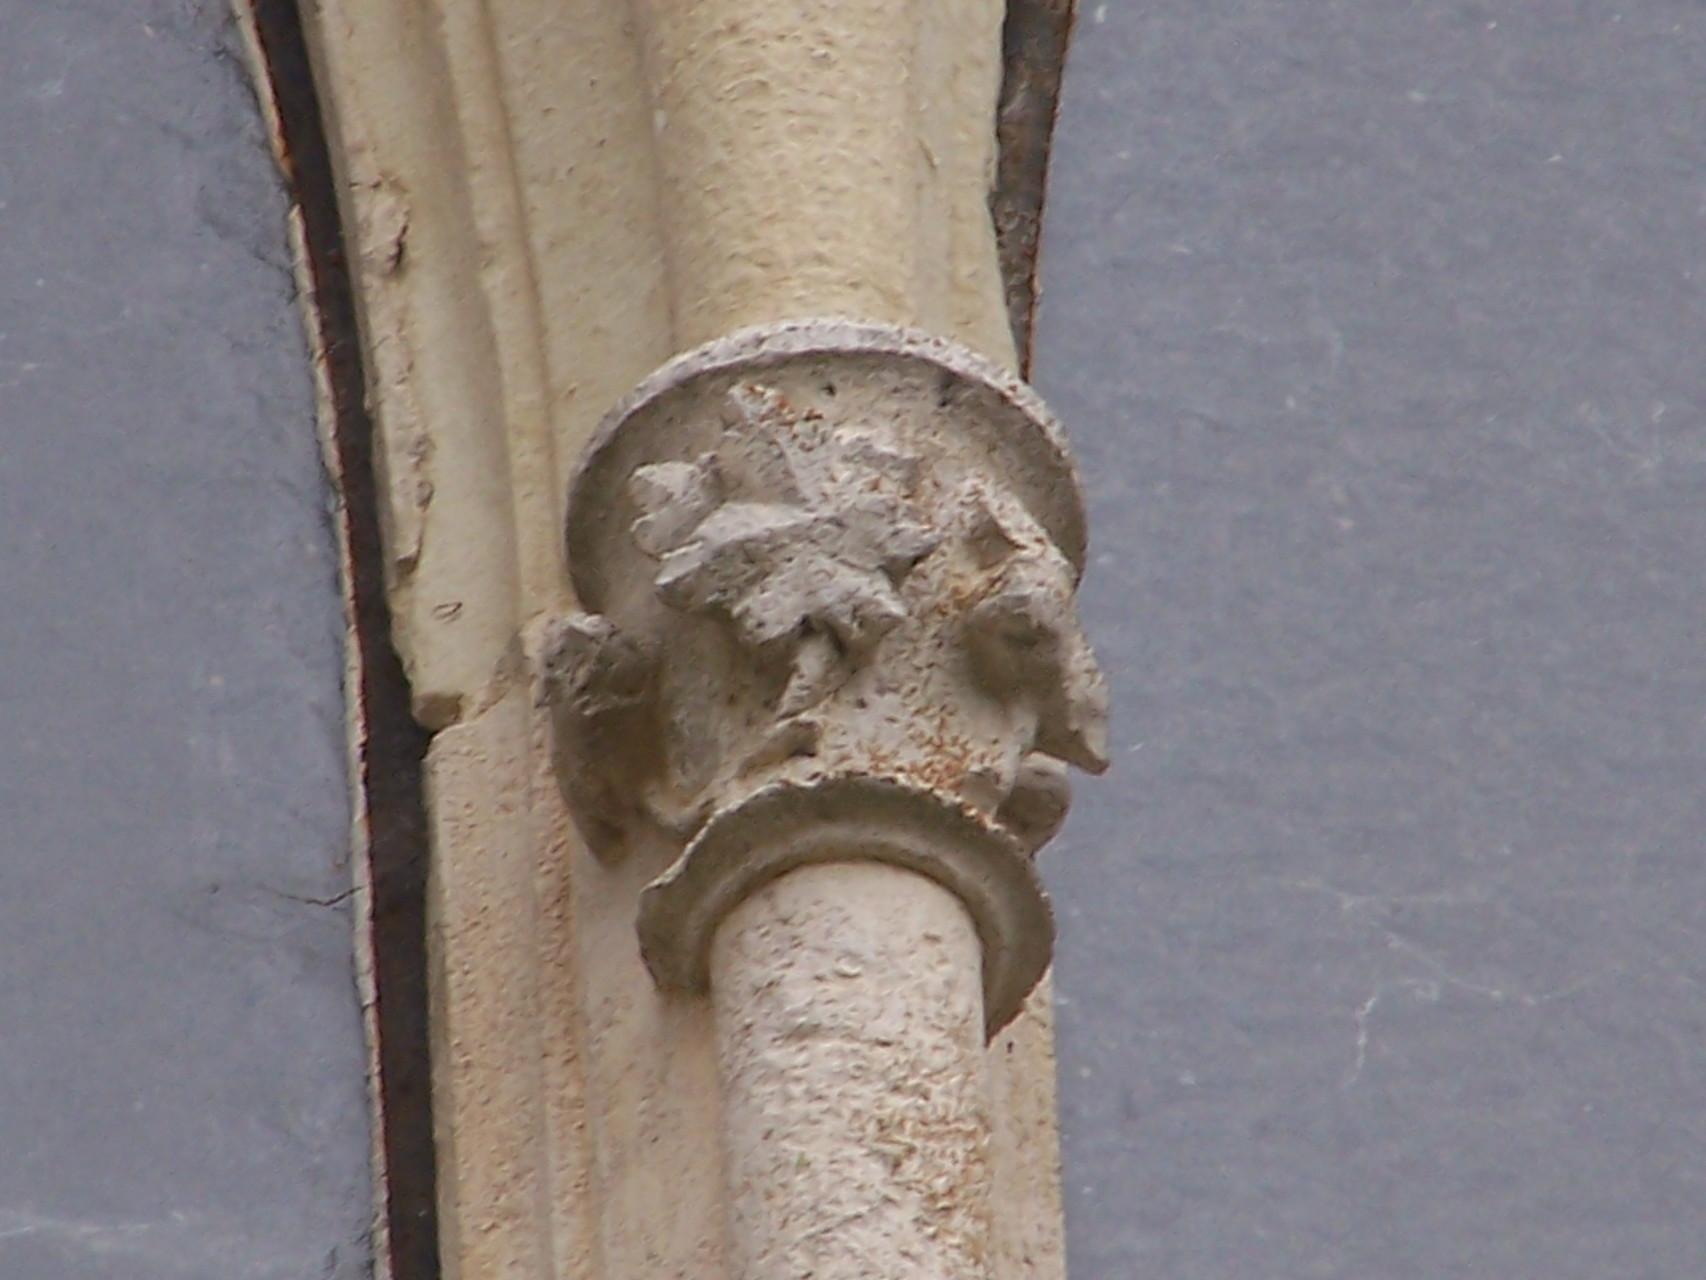 décors de la baie gothique